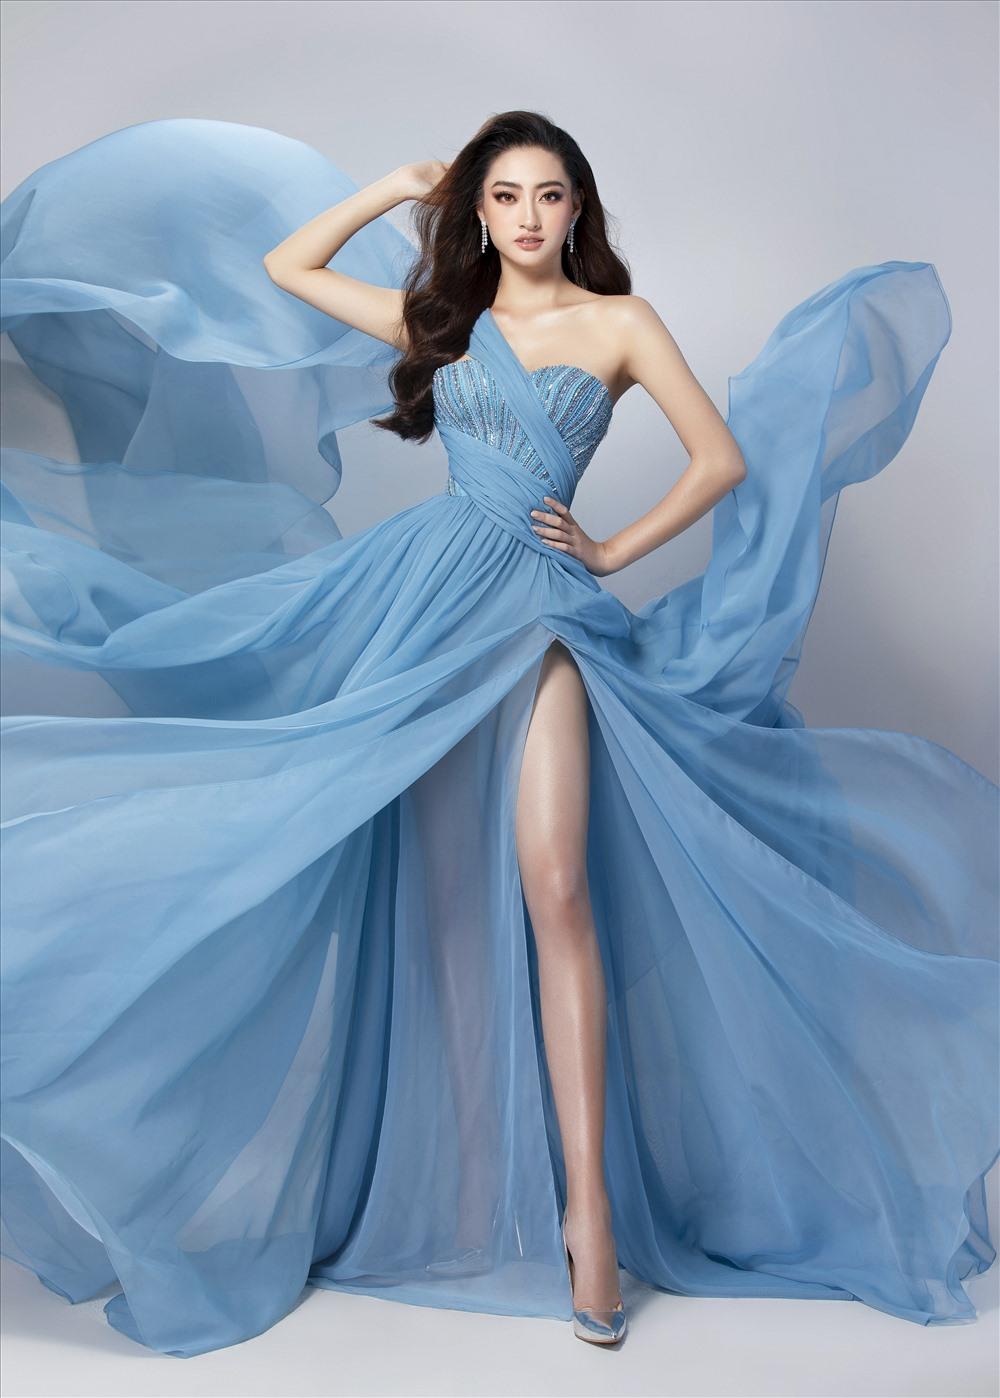 Hoa hậu Cao Bằng có số đo đẹp nhất lịch sử, đôi chân dài 1m22 không đối thủ - 10